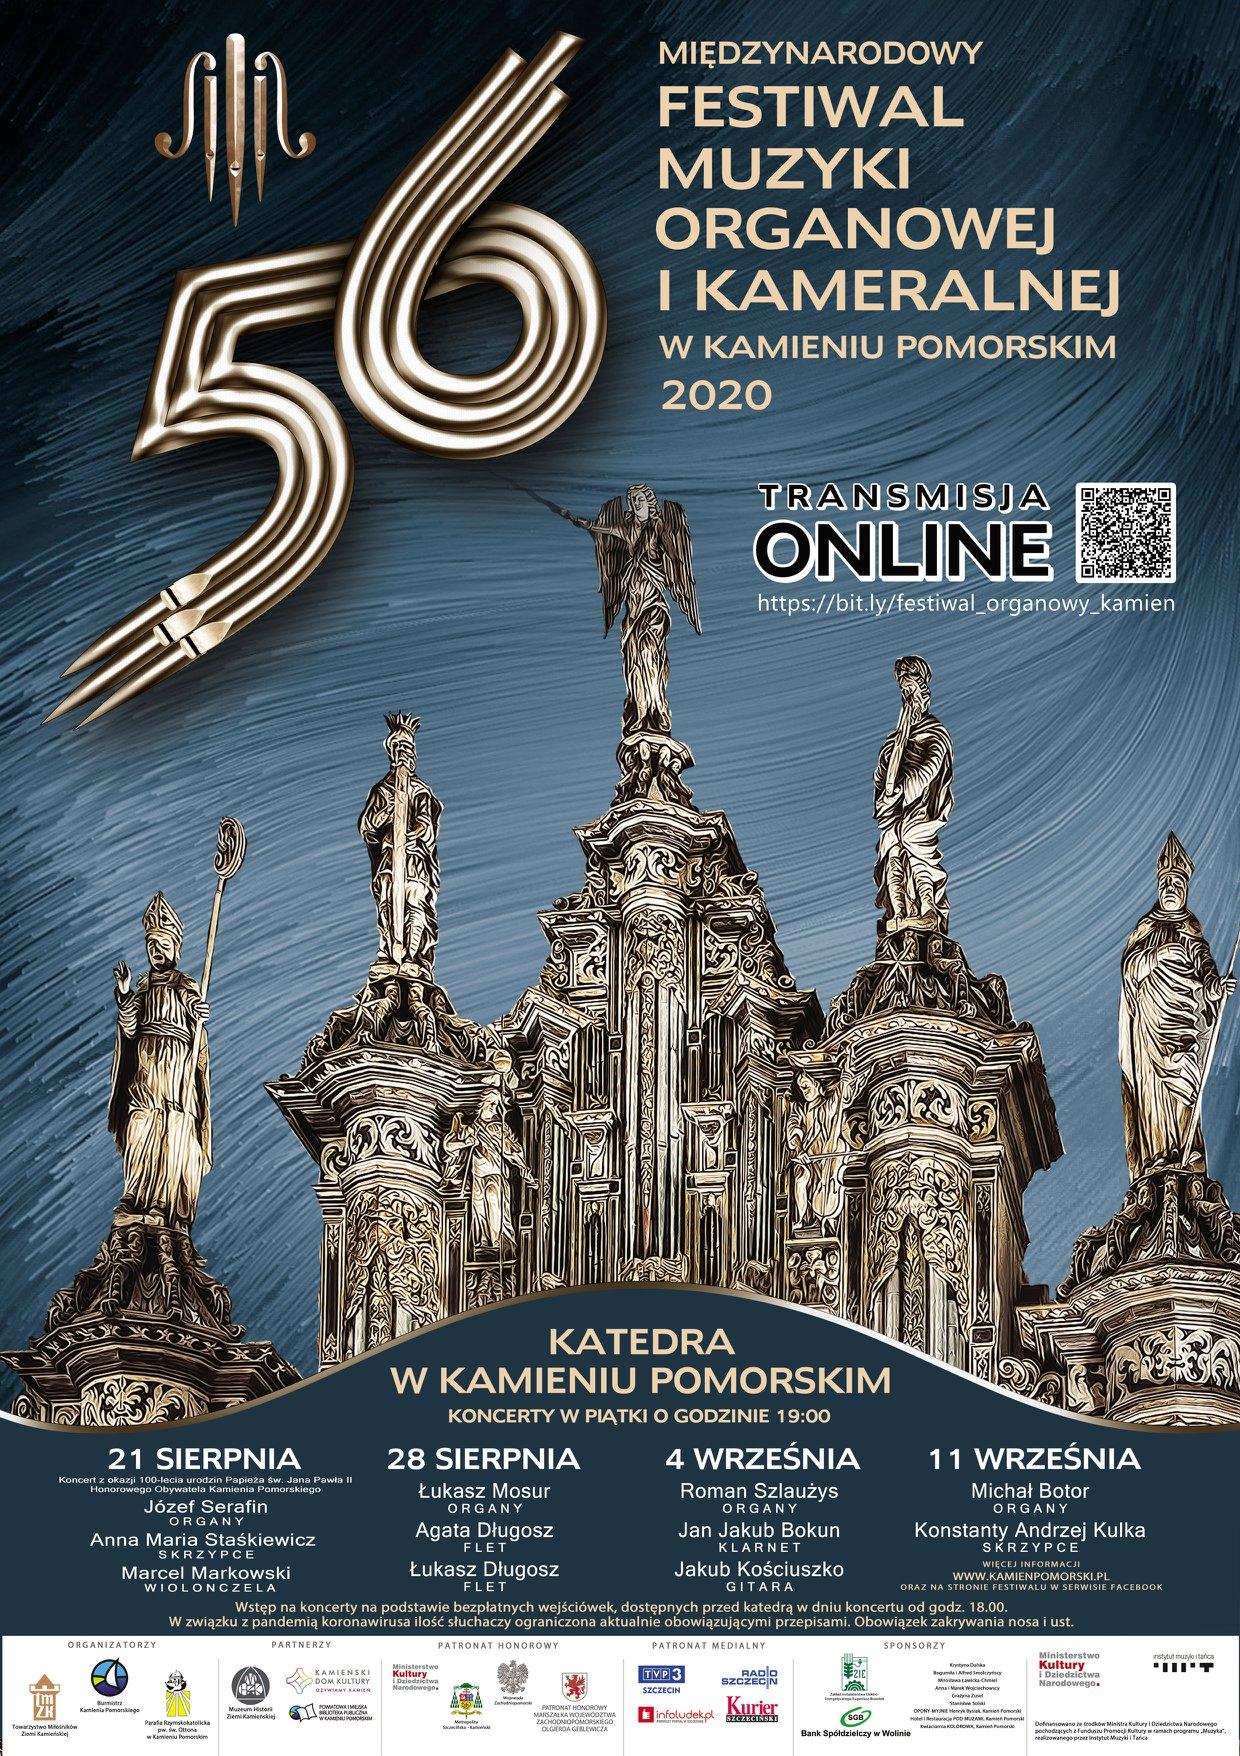 Festiwal organowy kamien pomorski